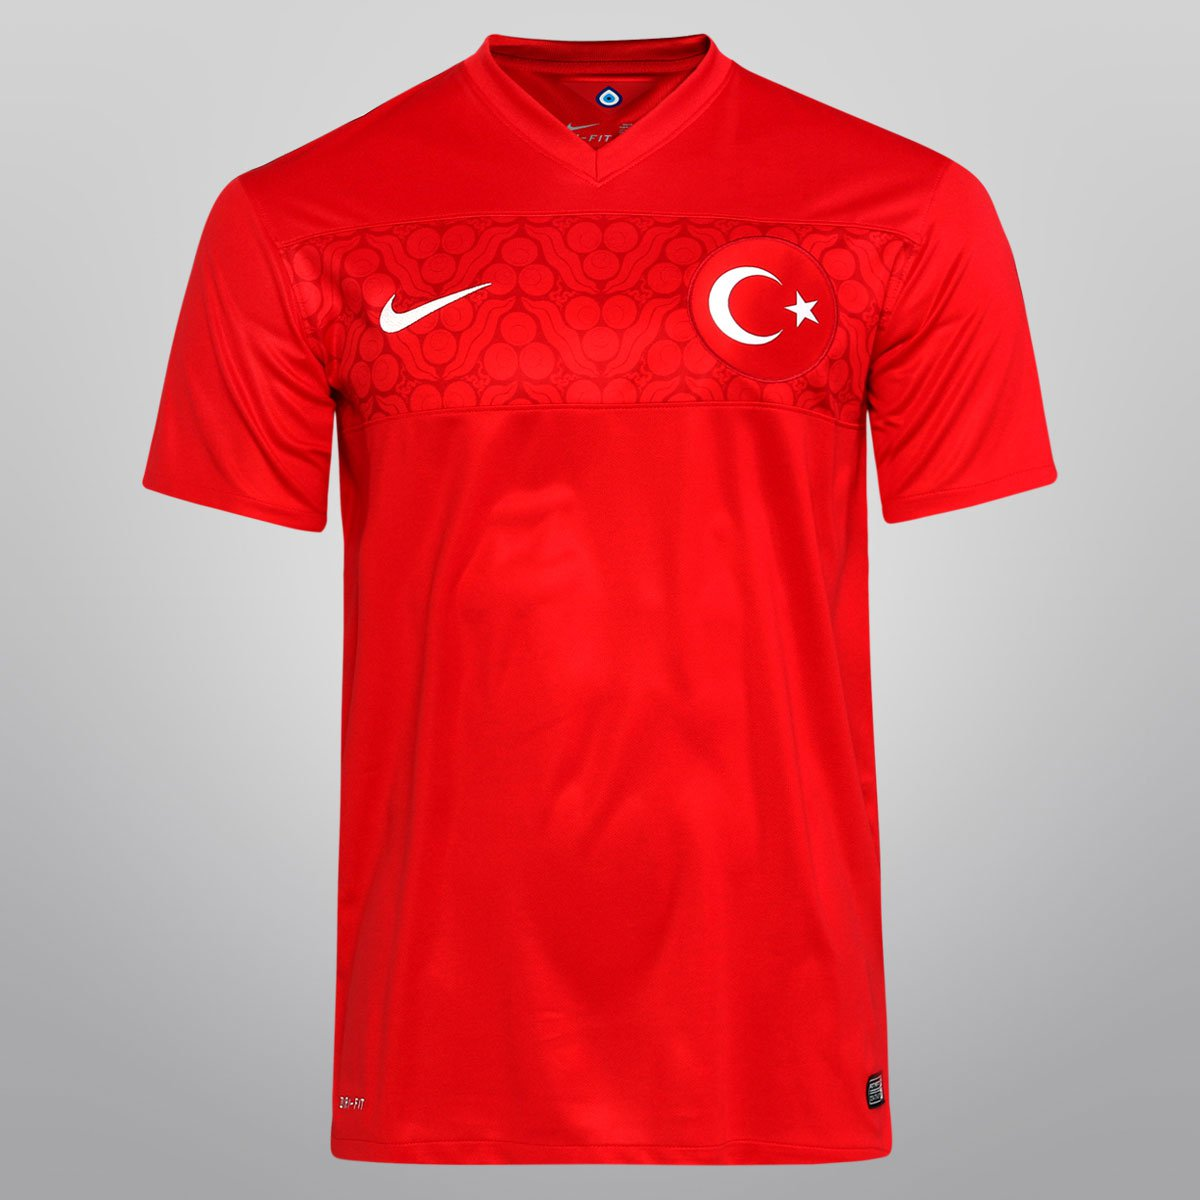 Camisa Nike Seleção Turquia Home 2014 s nº - Compre Agora  d31c27340a146